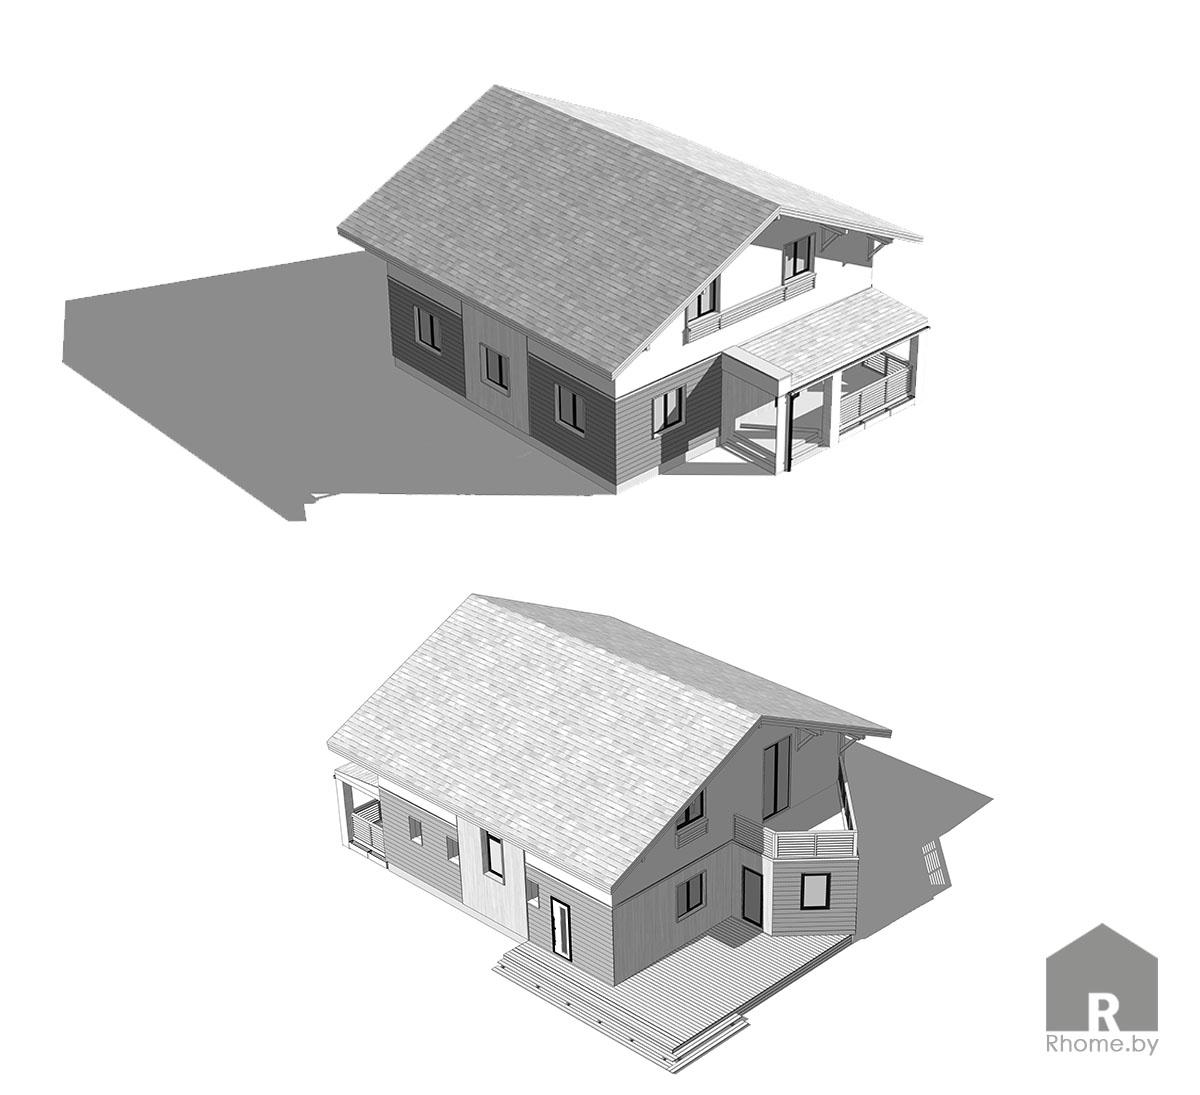 Планировка дома в Могилеве | Дизайн студия – Rhome.by